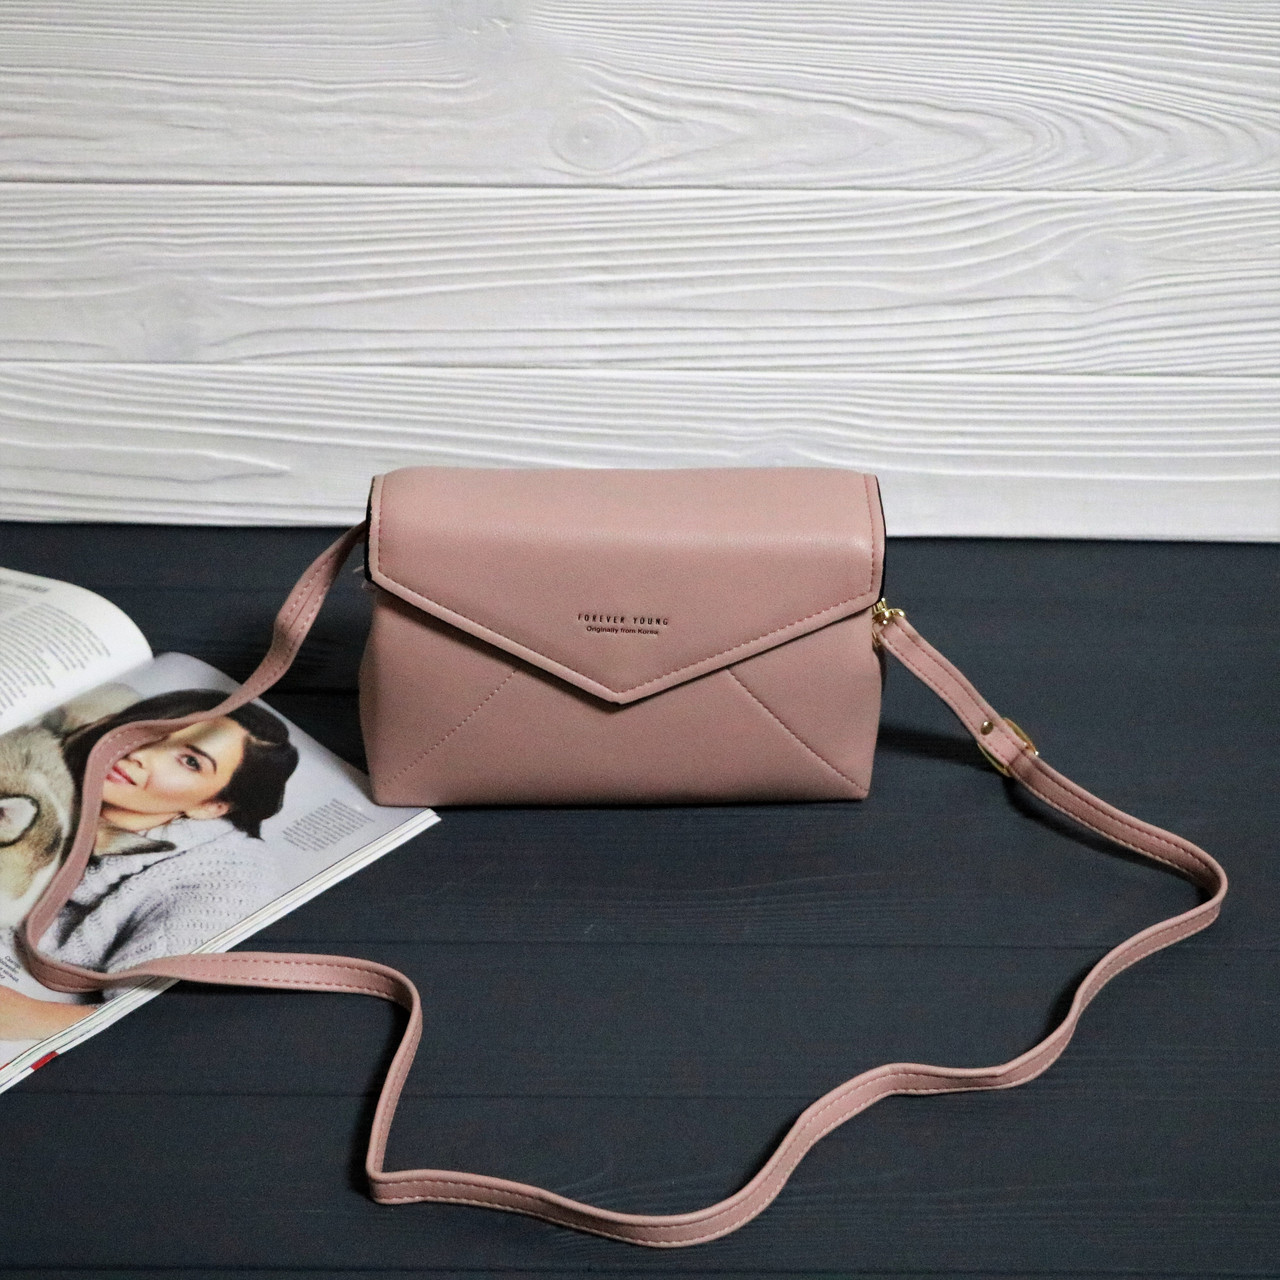 608c194d3771 Женская сумка конверт Forever young Нежно-розовая - BORSA STORE | Интернет  магазин сумок и